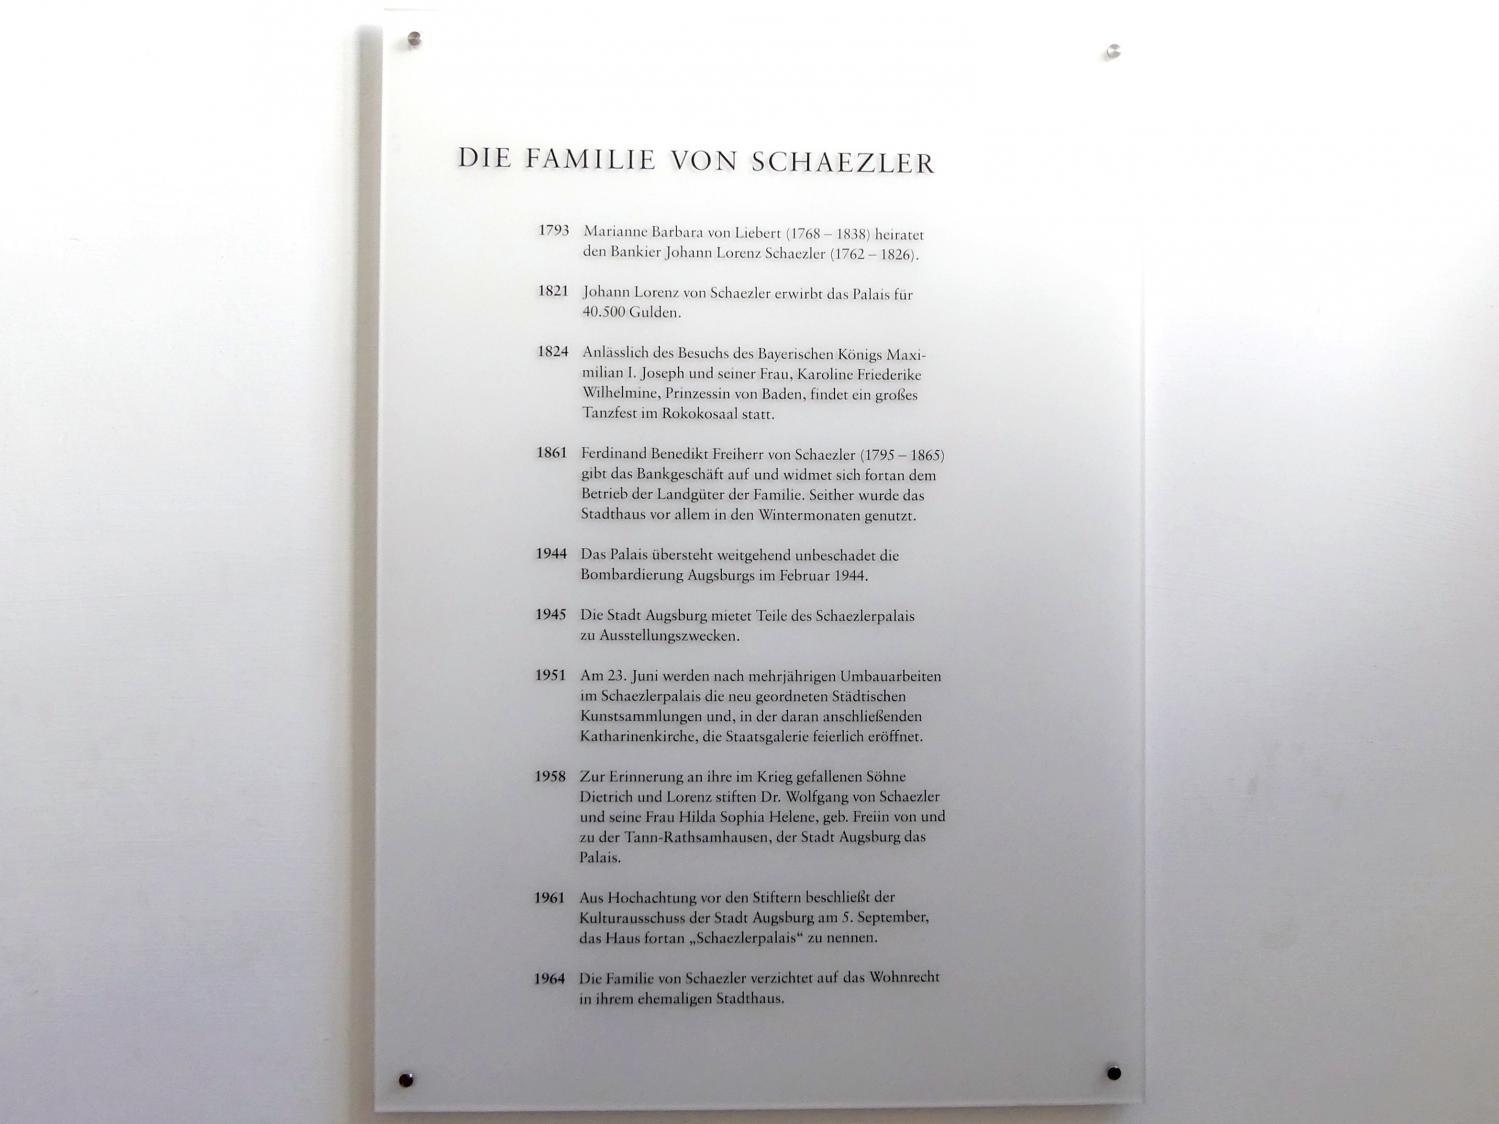 Augsburg, Städtische Kunstsammlungen, Deutsche Barockgalerie im Schaezlerpalais, Bild 3/6